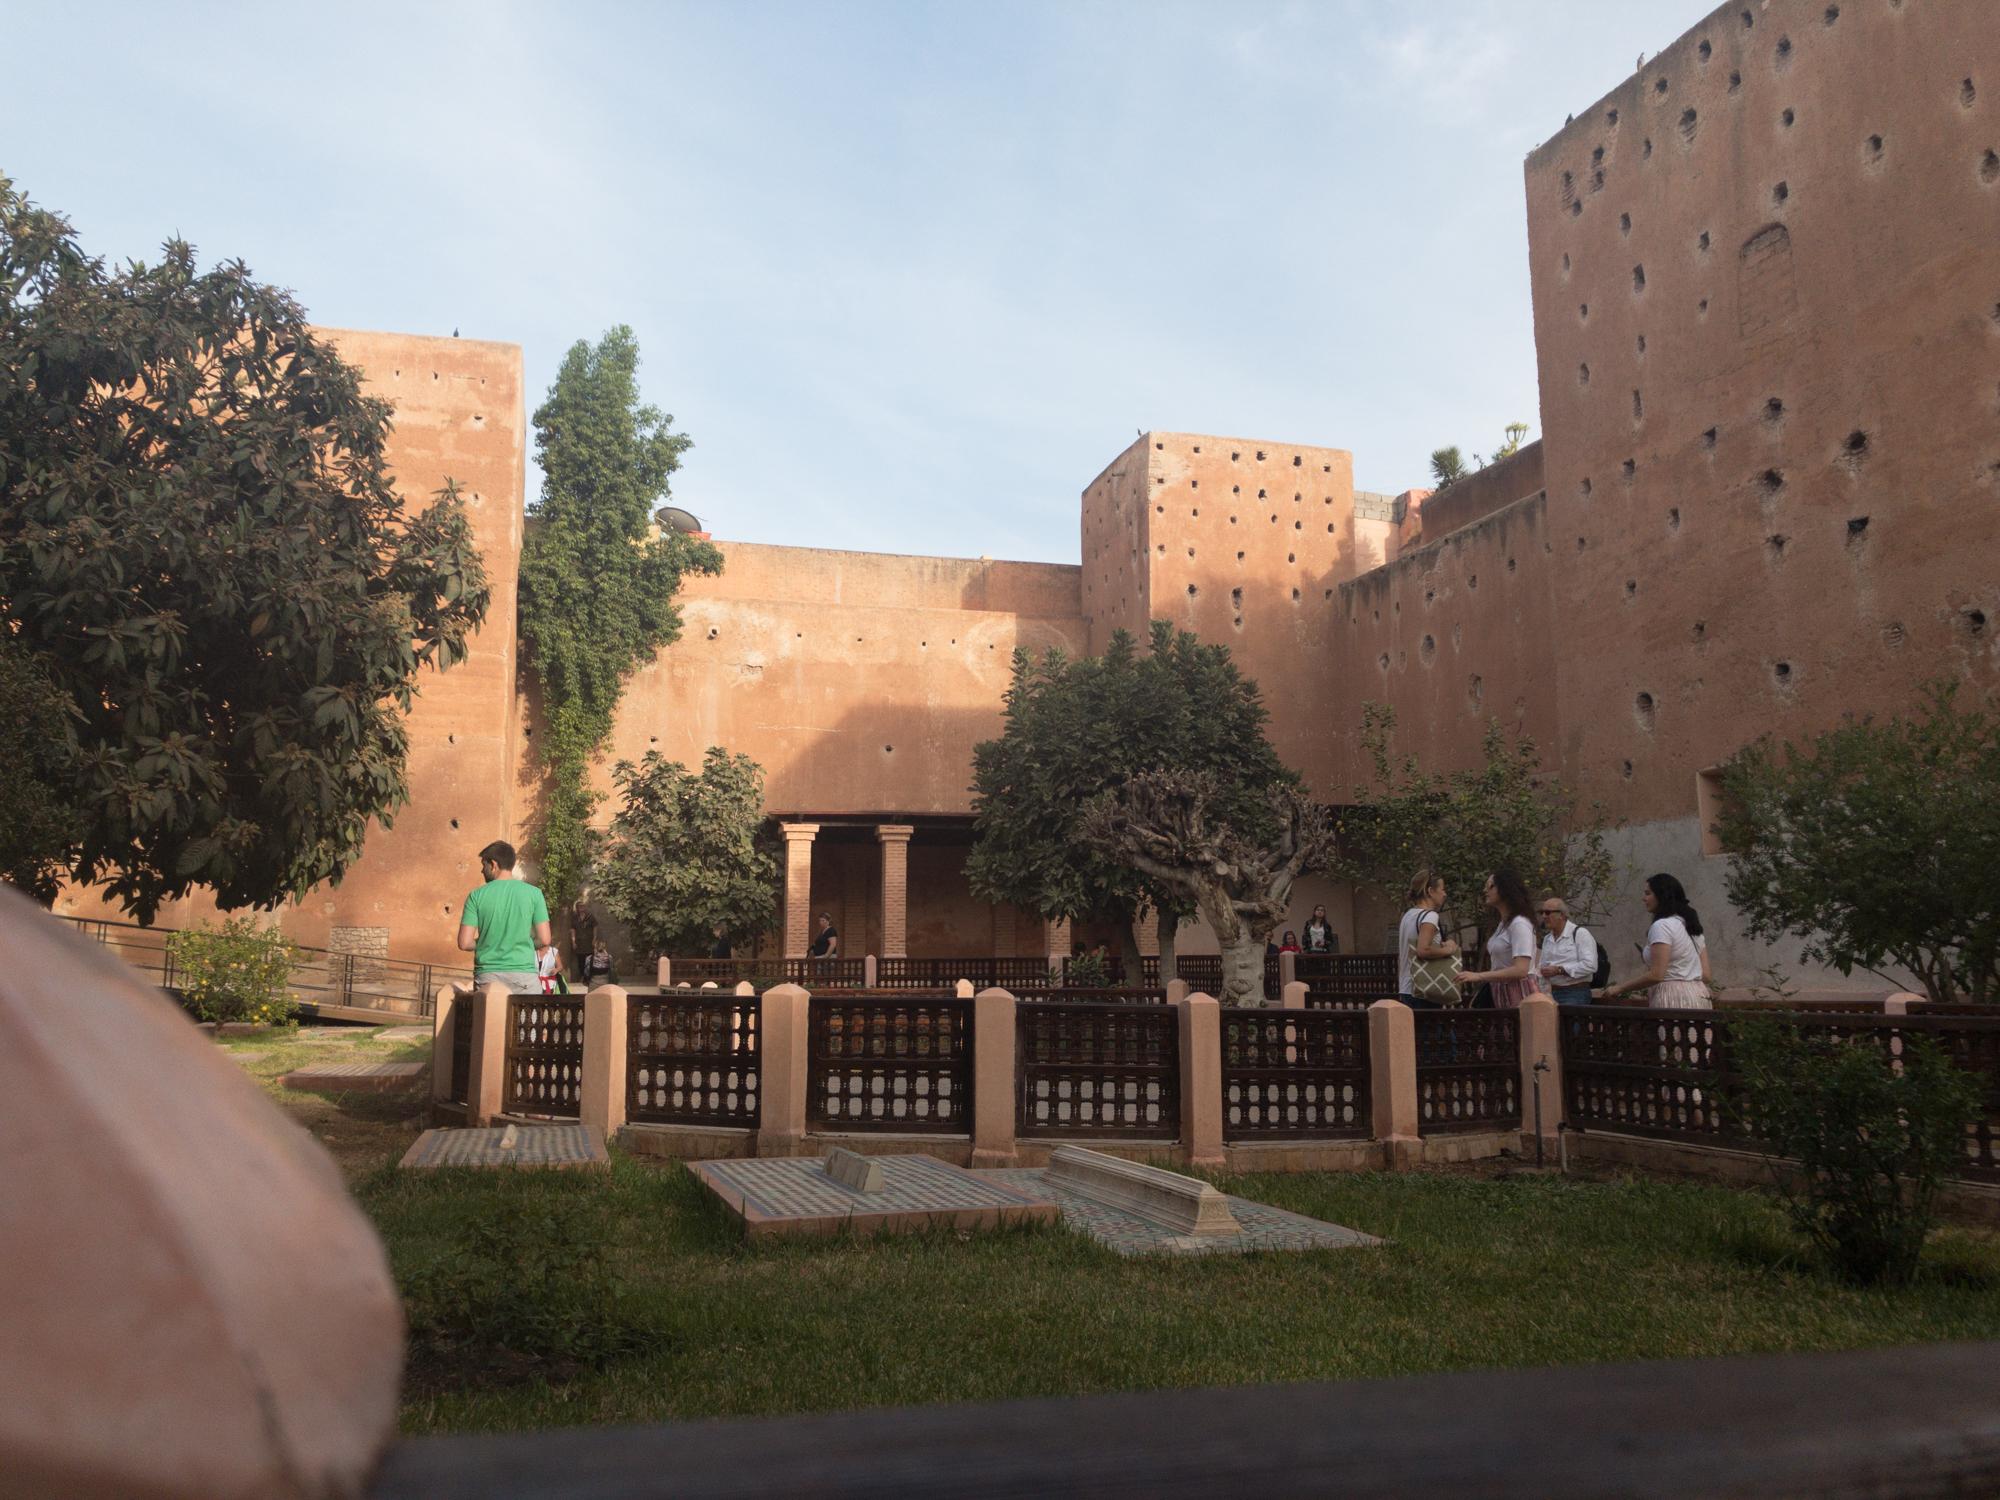 Marrakech_iPhone8+_Photos - Blog_Photos-53.jpg